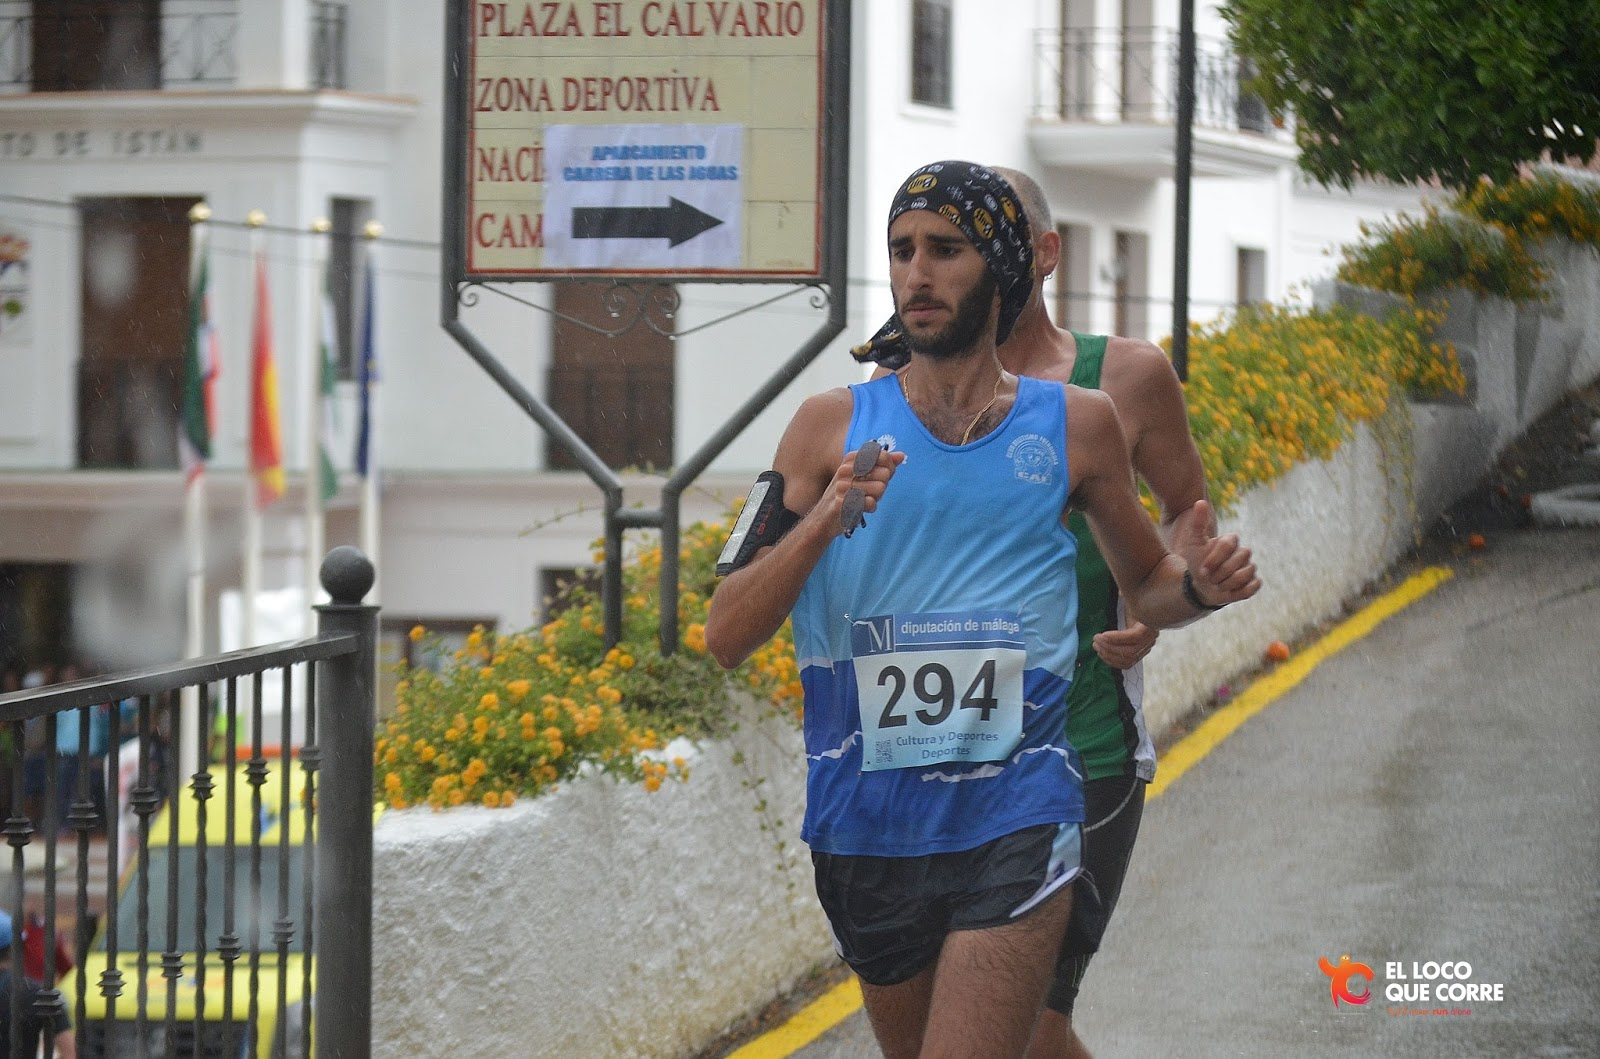 Imagen cedida por El Loco Que Corre